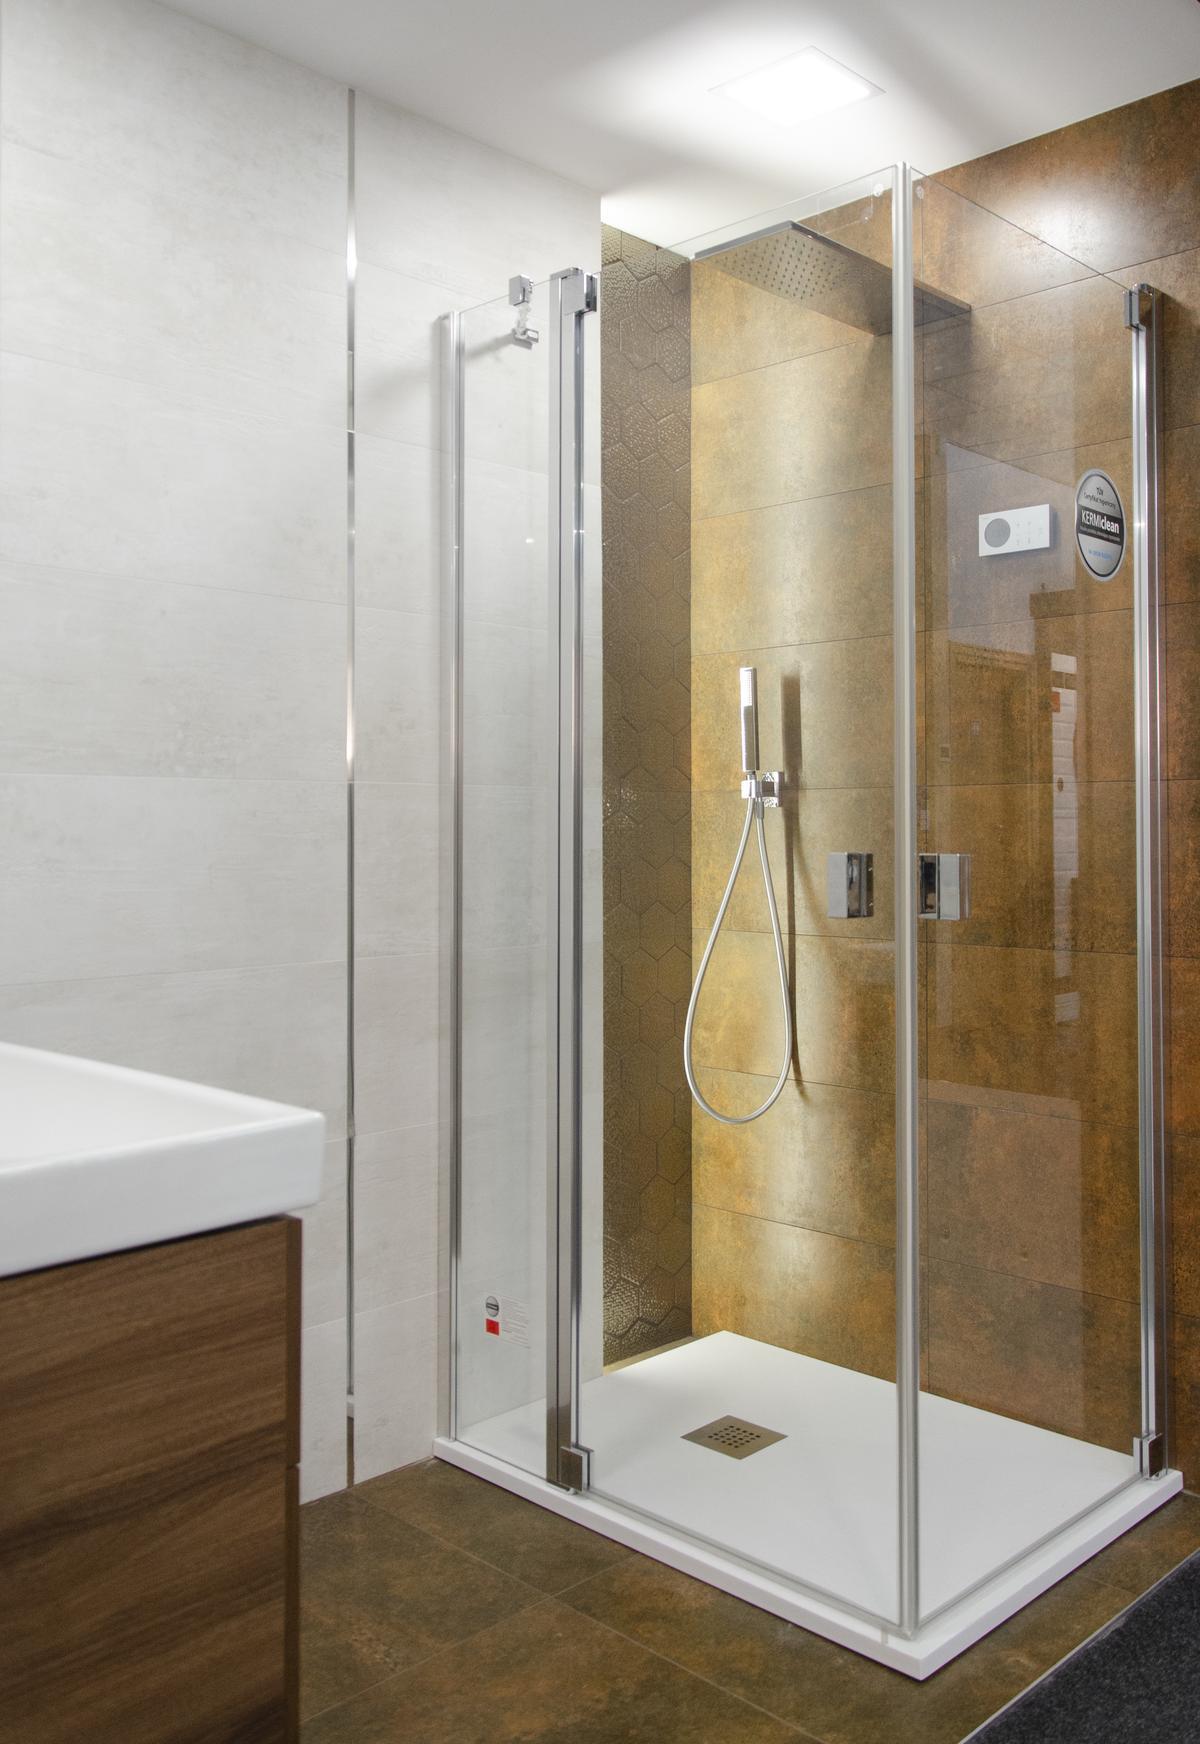 Łazienka w stylu industrialnym z płytką imitującą rdzę - zdjęcie od BLU salon łazienek Koszalin